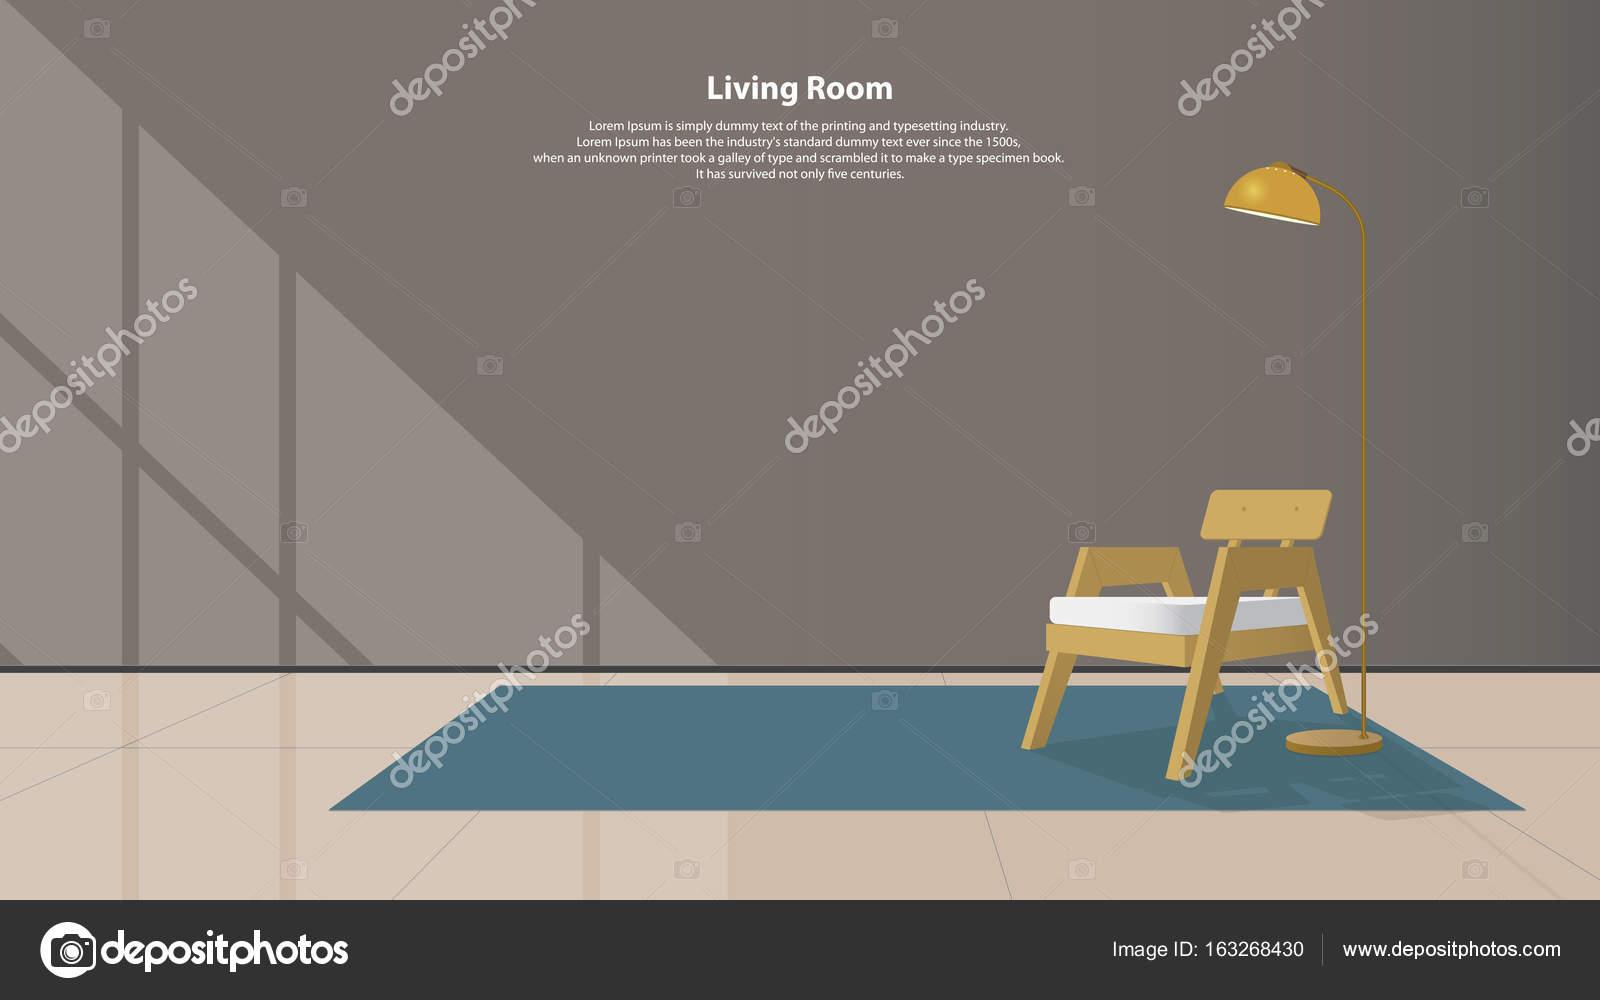 Home Interior Design Mit Möbeln. Modernes Wohnzimmer Mit Holz Sessel,  Lampen Und Teppiche Im